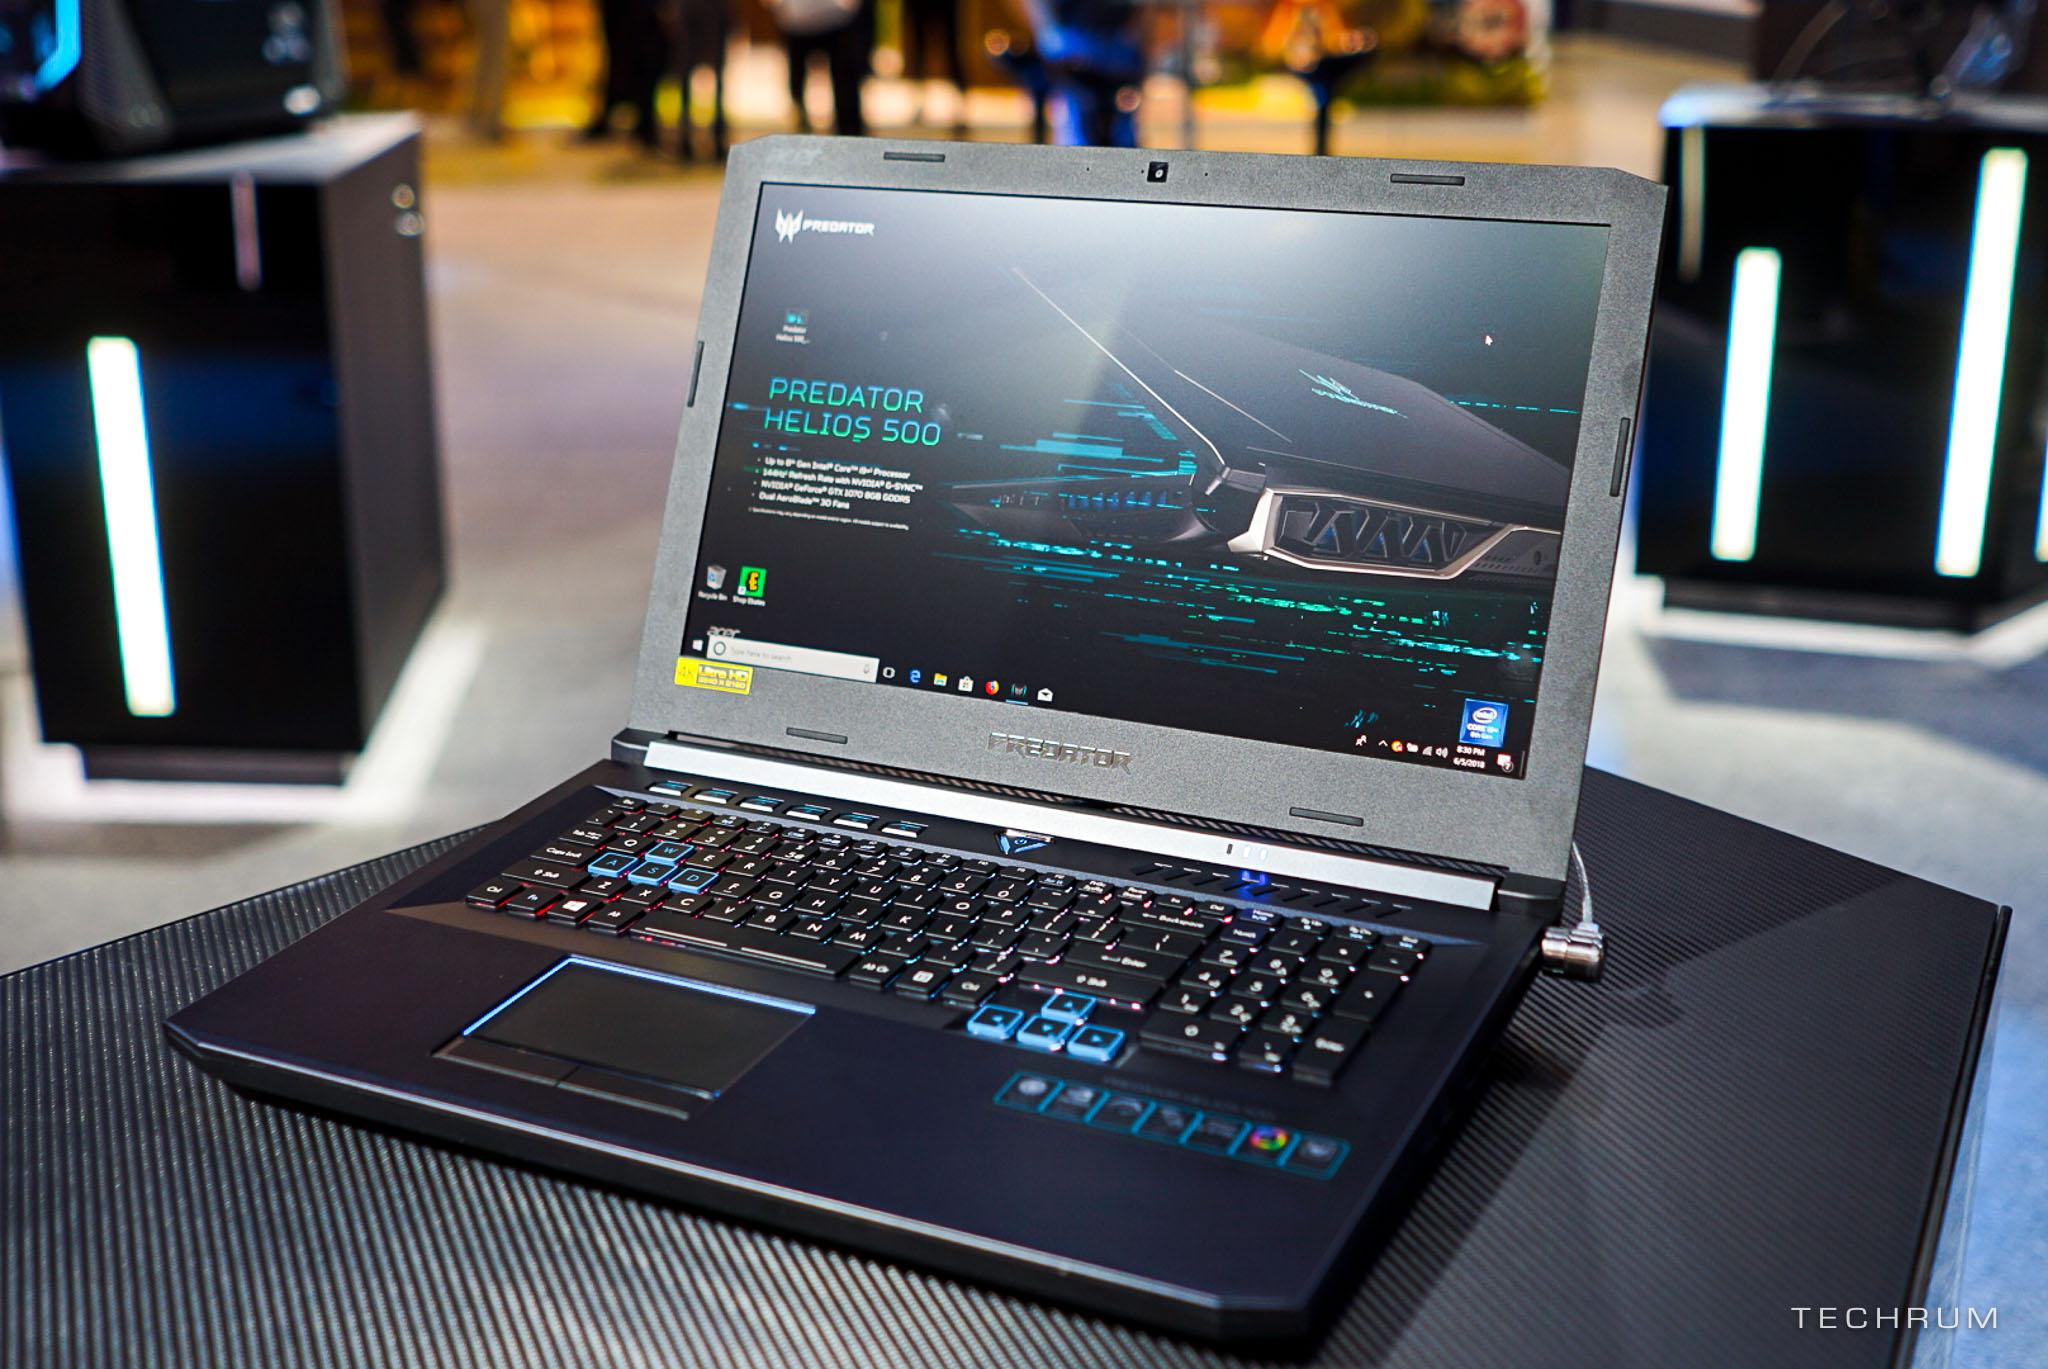 [Computex 2018] Cận cảnh bộ đôi gaming laptop Predator Helios 500 & Helios 300 cấu hình khủng của Acer